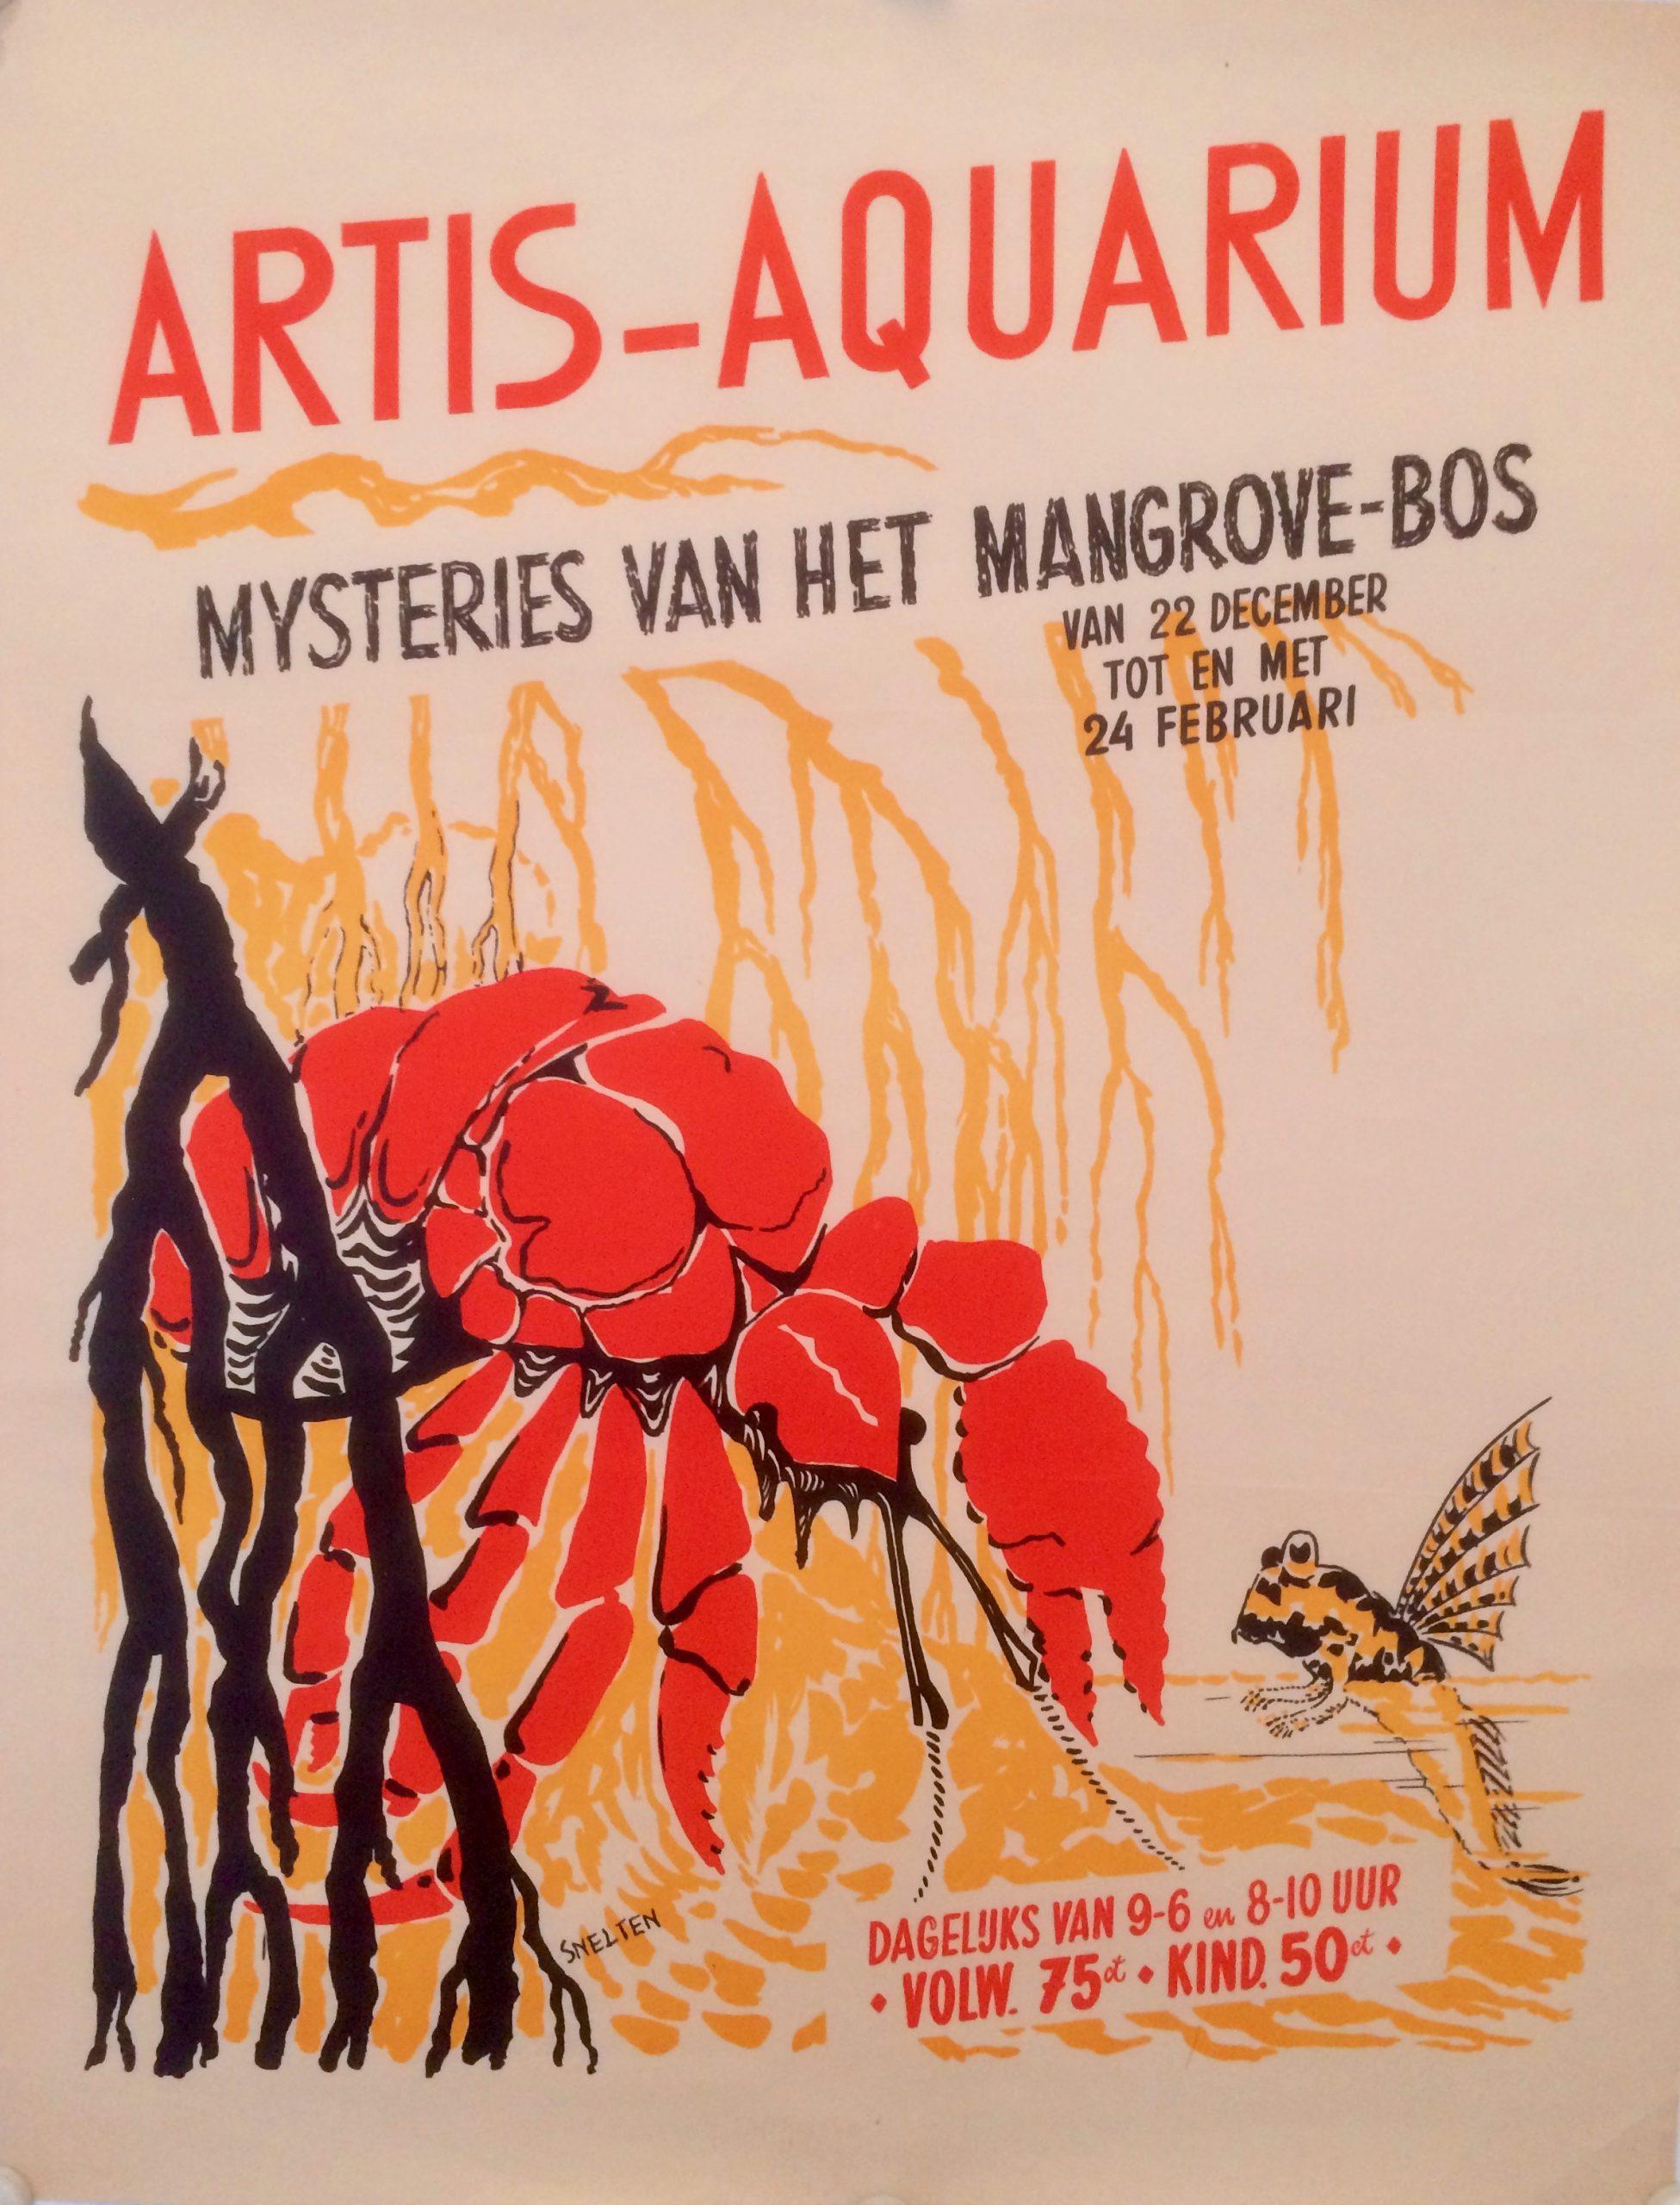 Aquarium at Artis Zoo